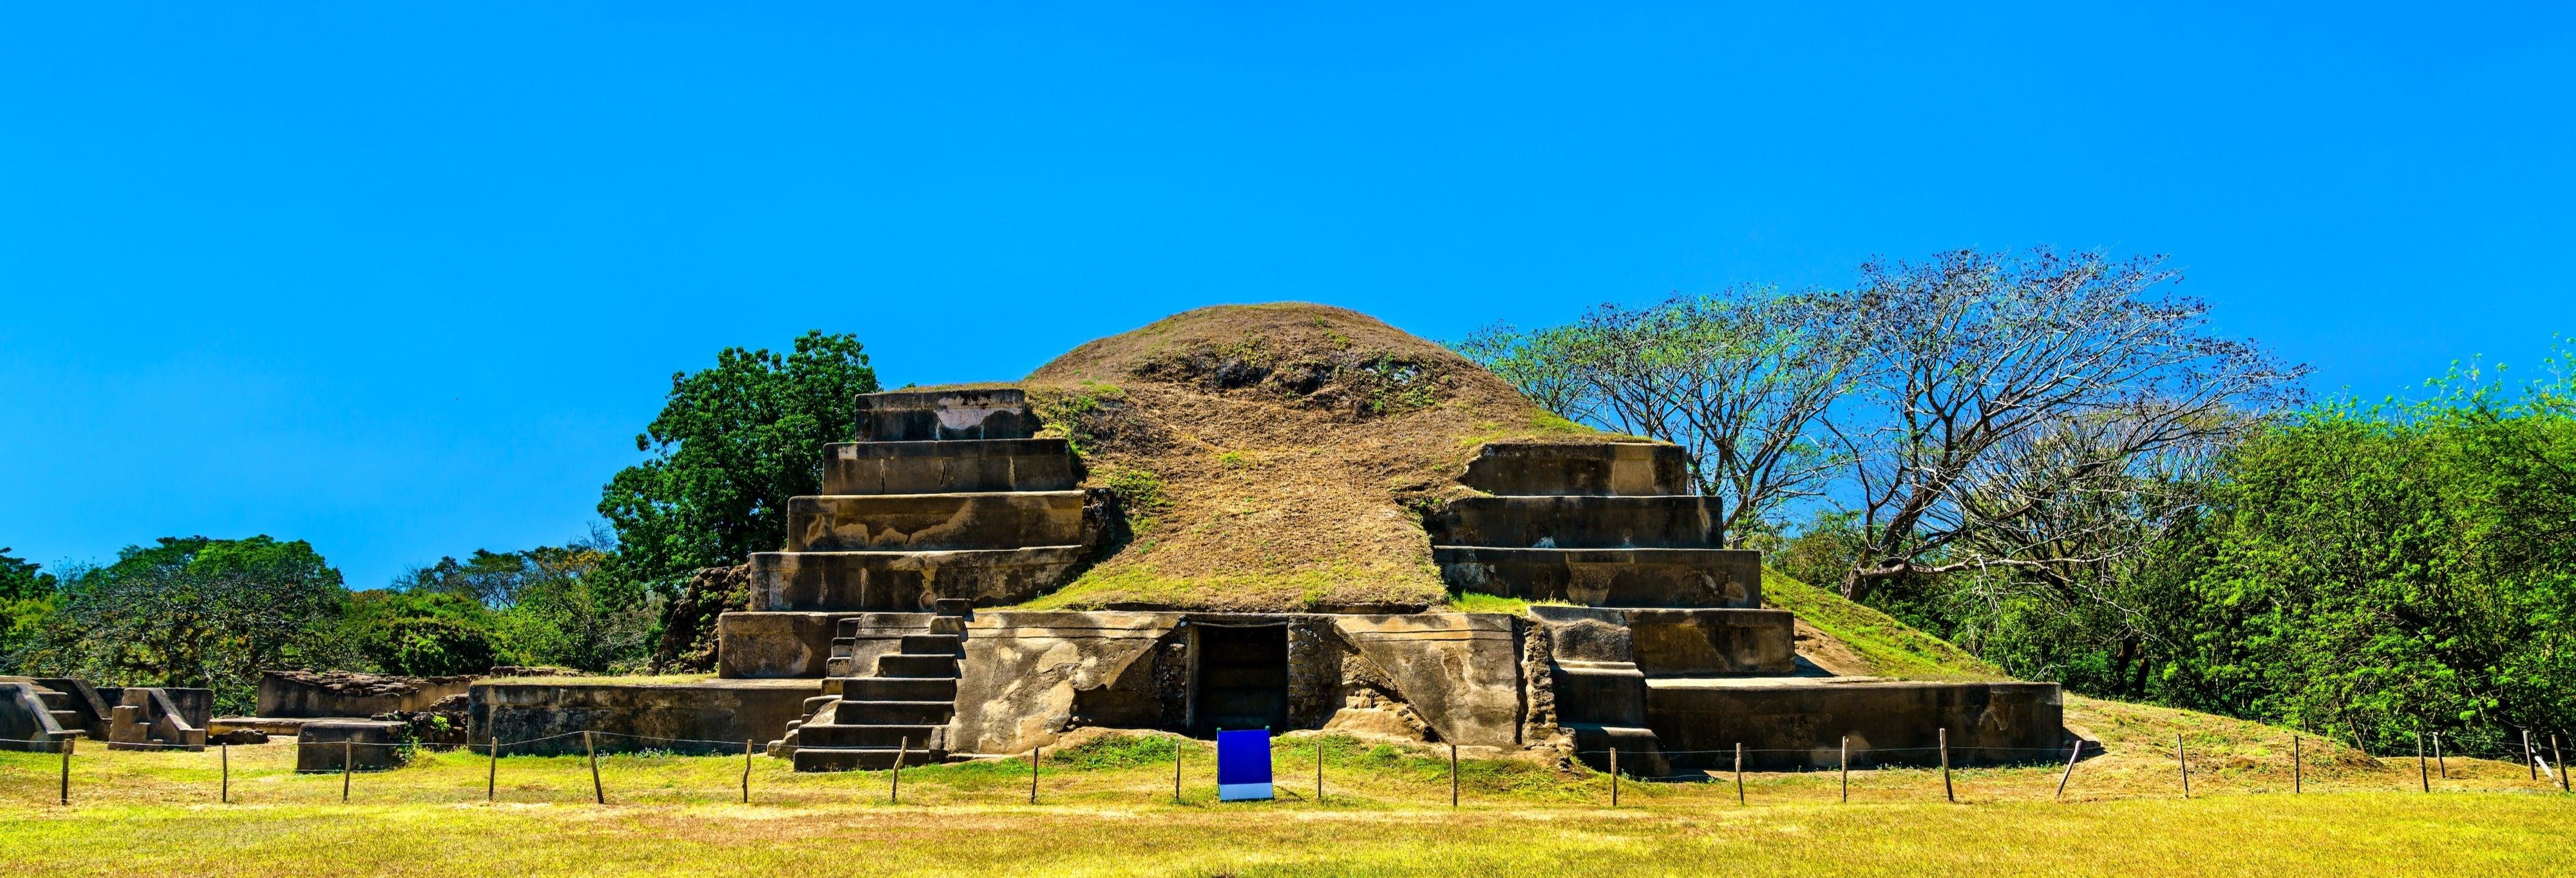 Cerro Verde Volcano and Mayan Ruins Trip